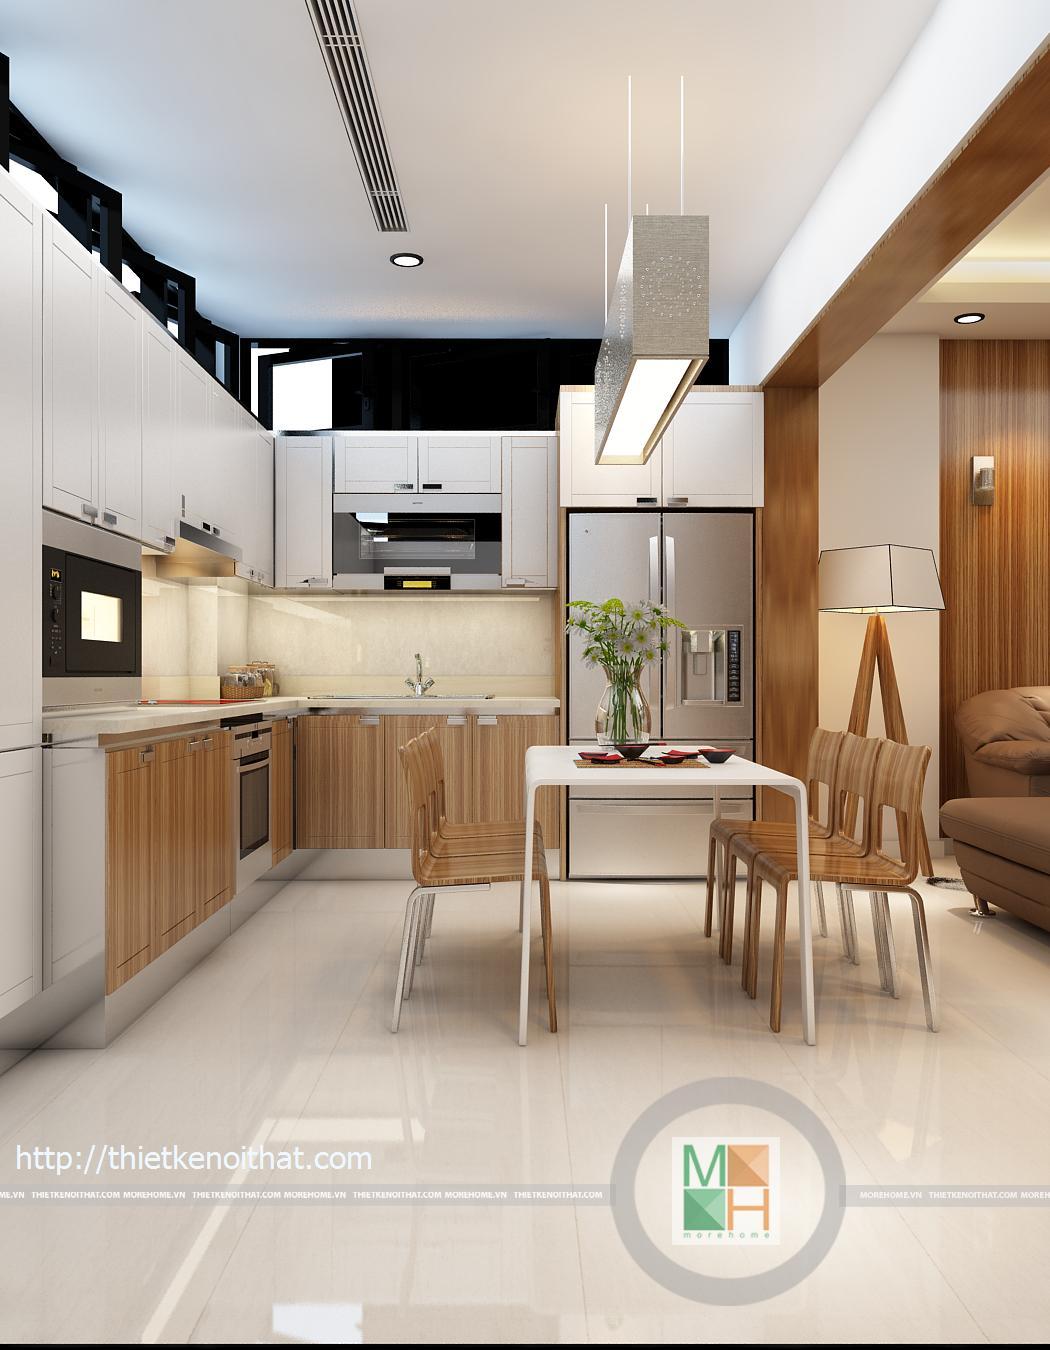 Thiết kế nội thất nhà liền kề khu đô thị Vân Canh